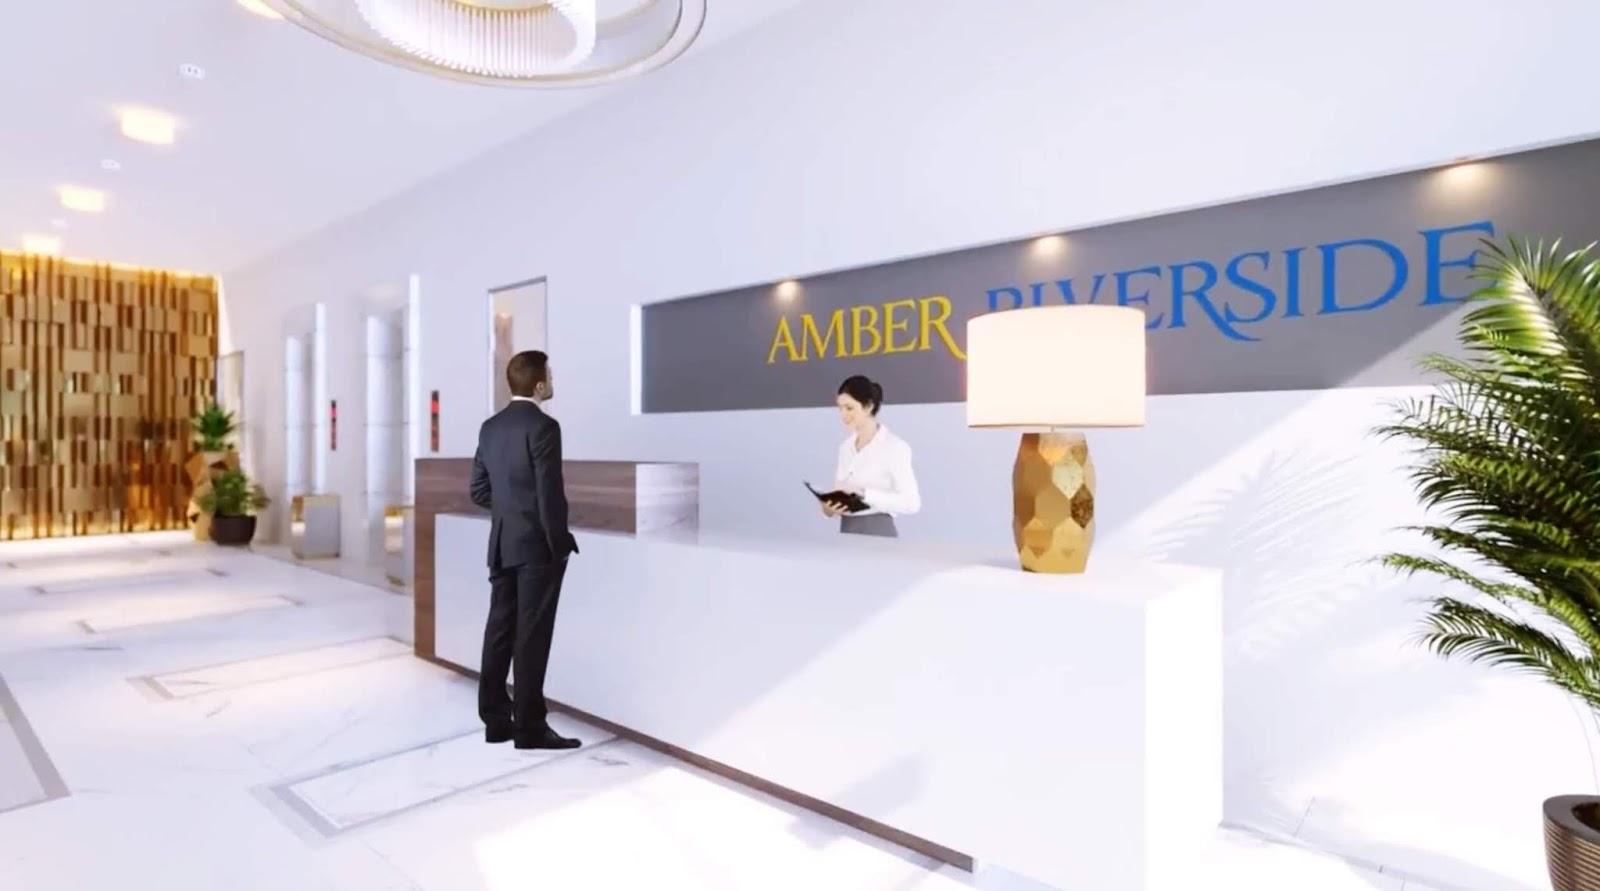 Sảnh đón tiếp cư dân chung cư Amber Riverside